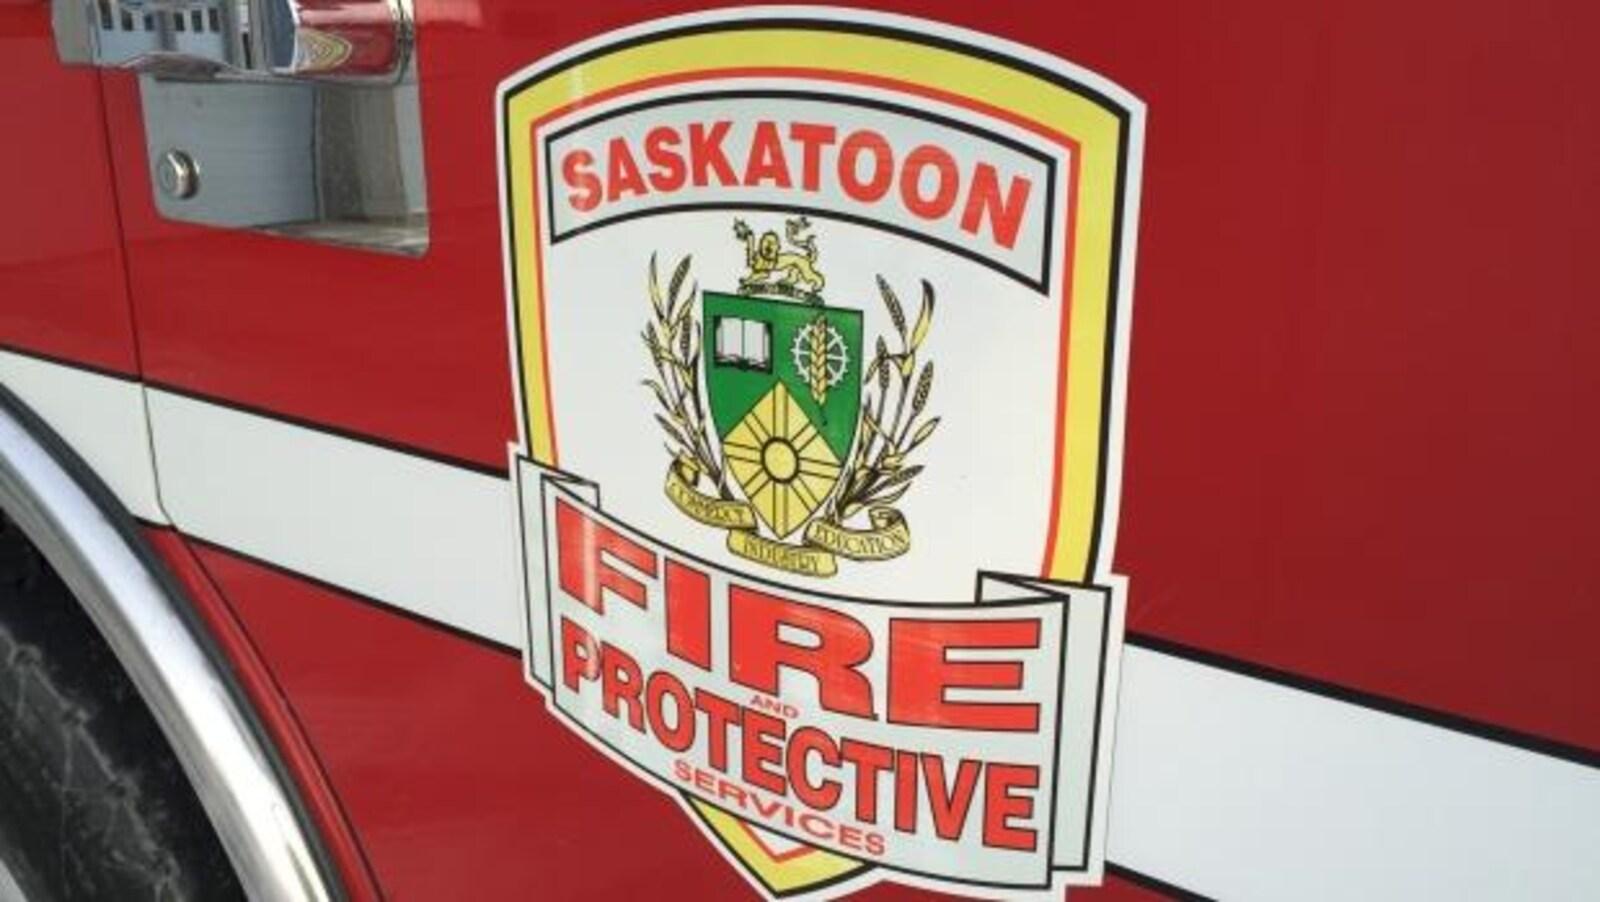 Détail du logo sur un camion de pompiers de Saskatoon.